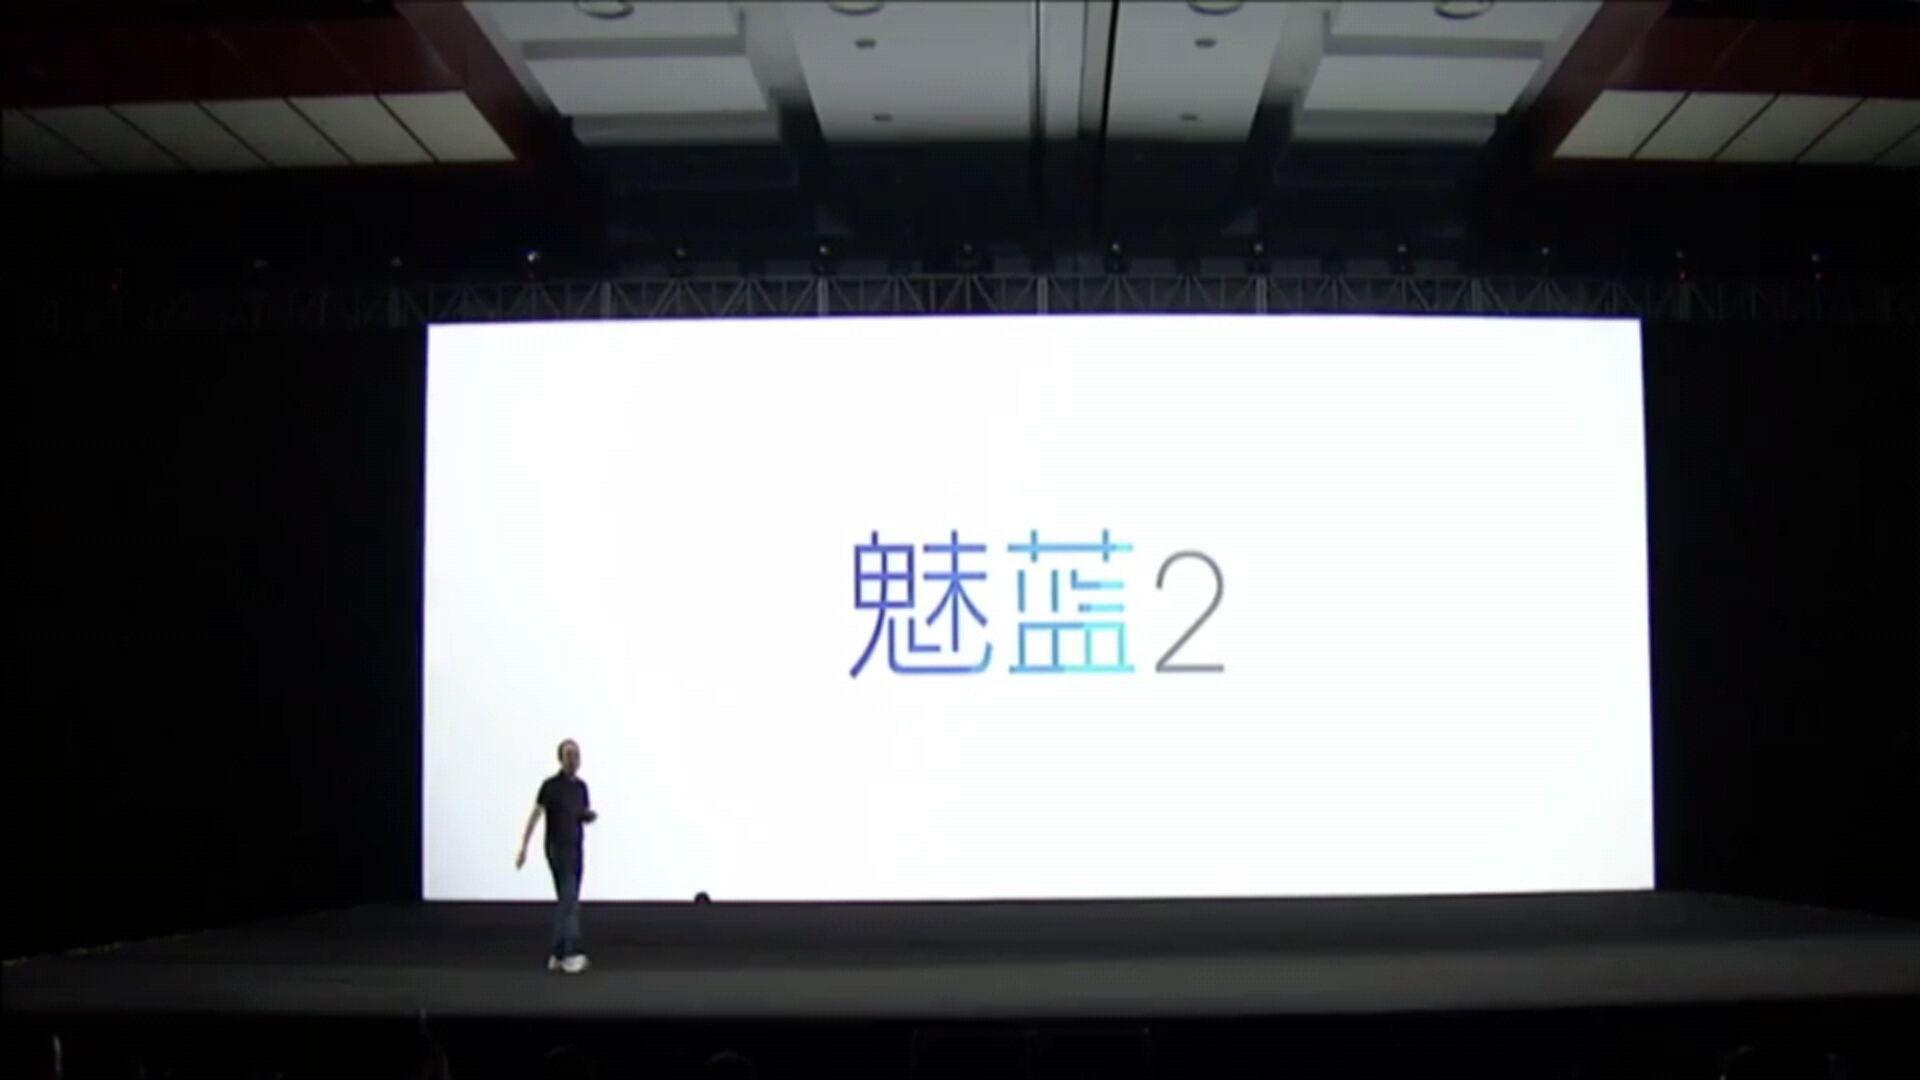 Meizu(魅族)、Meizu m2を発表。価格は599元。